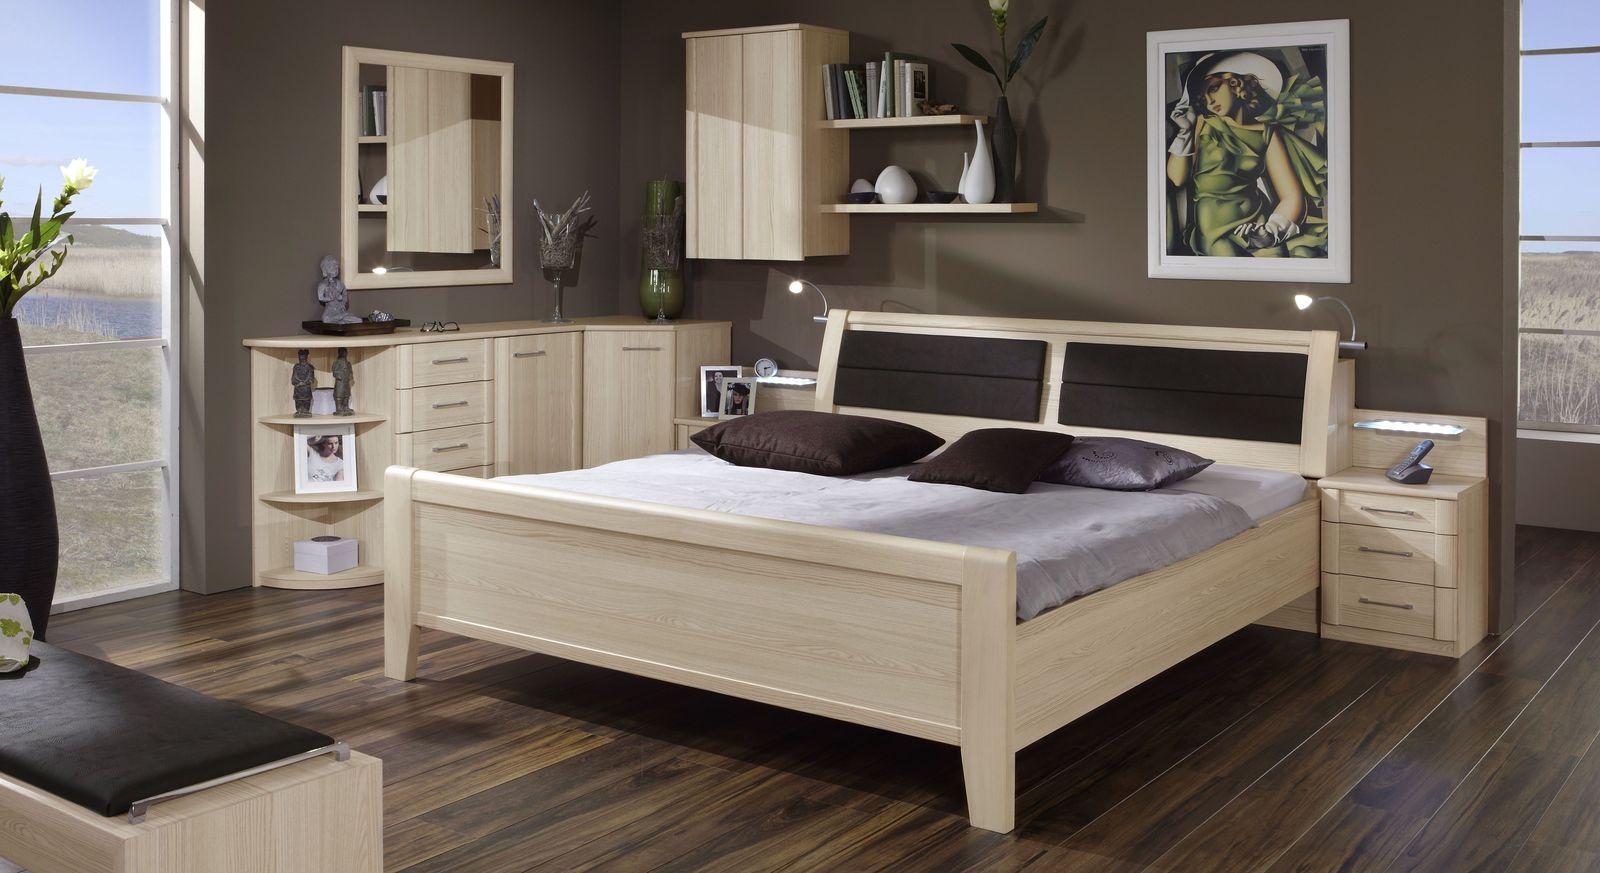 Komfort-Doppelbett Rapino mit passenden Beimöbeln